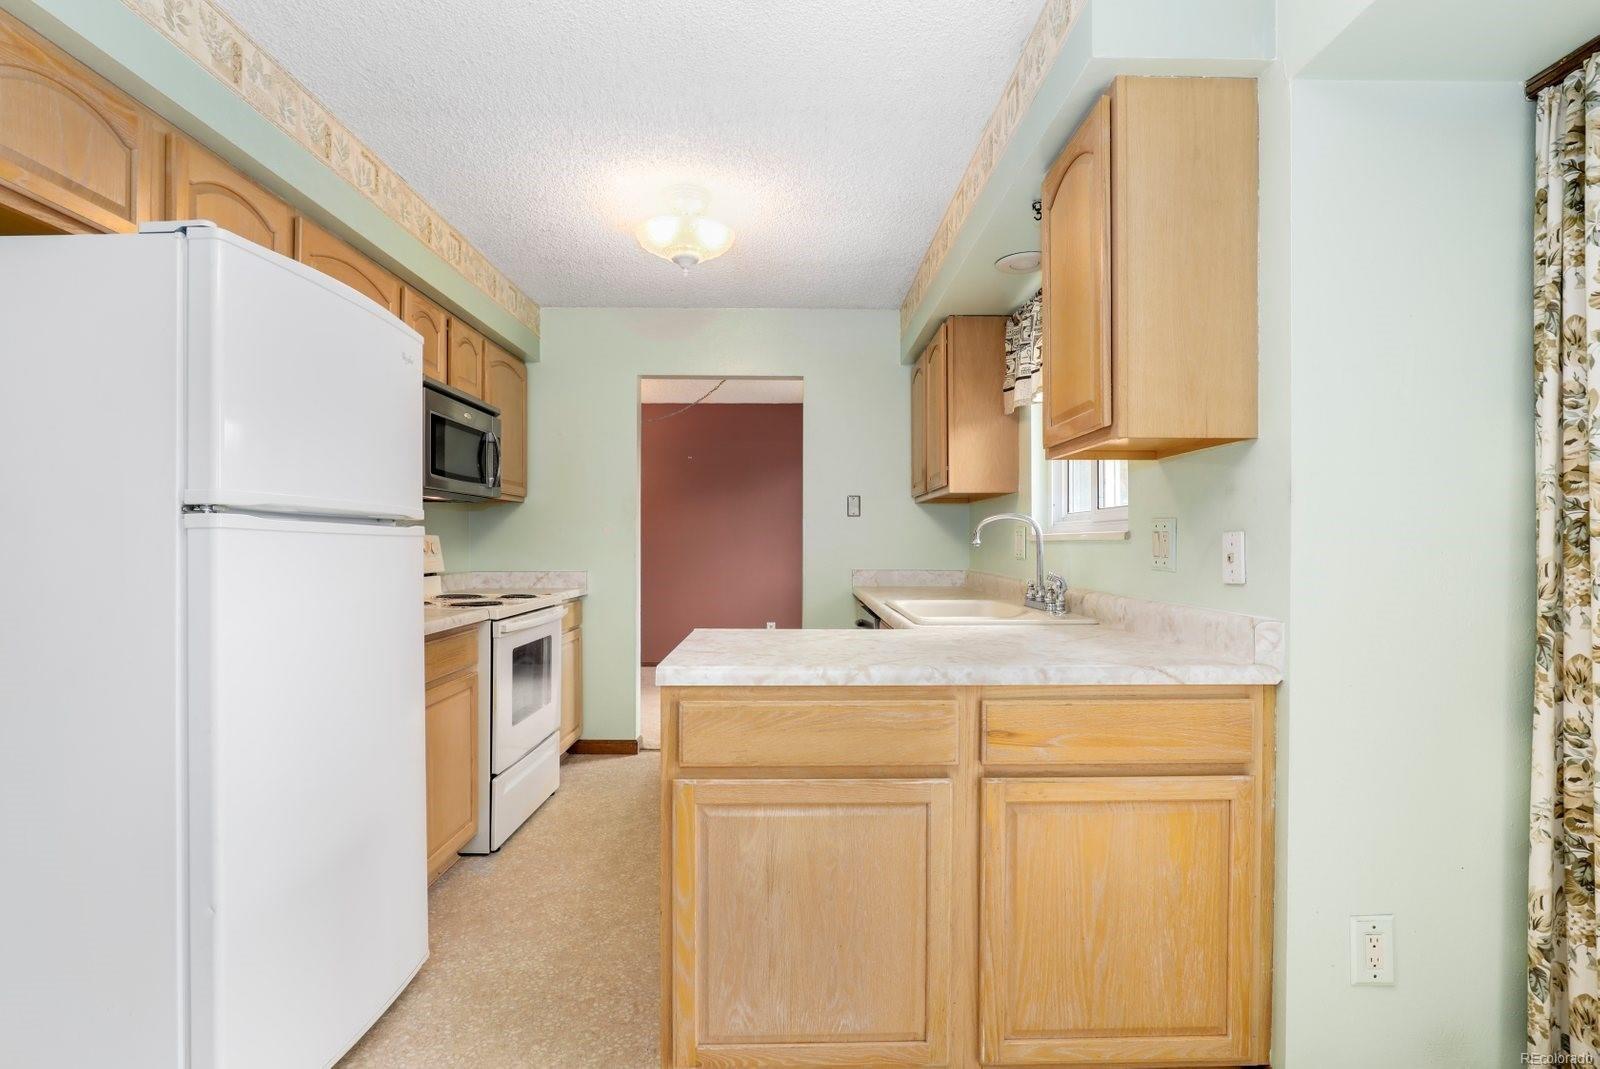 MLS# 9388293 - 9 - 920 Coral Court, Castle Rock, CO 80104